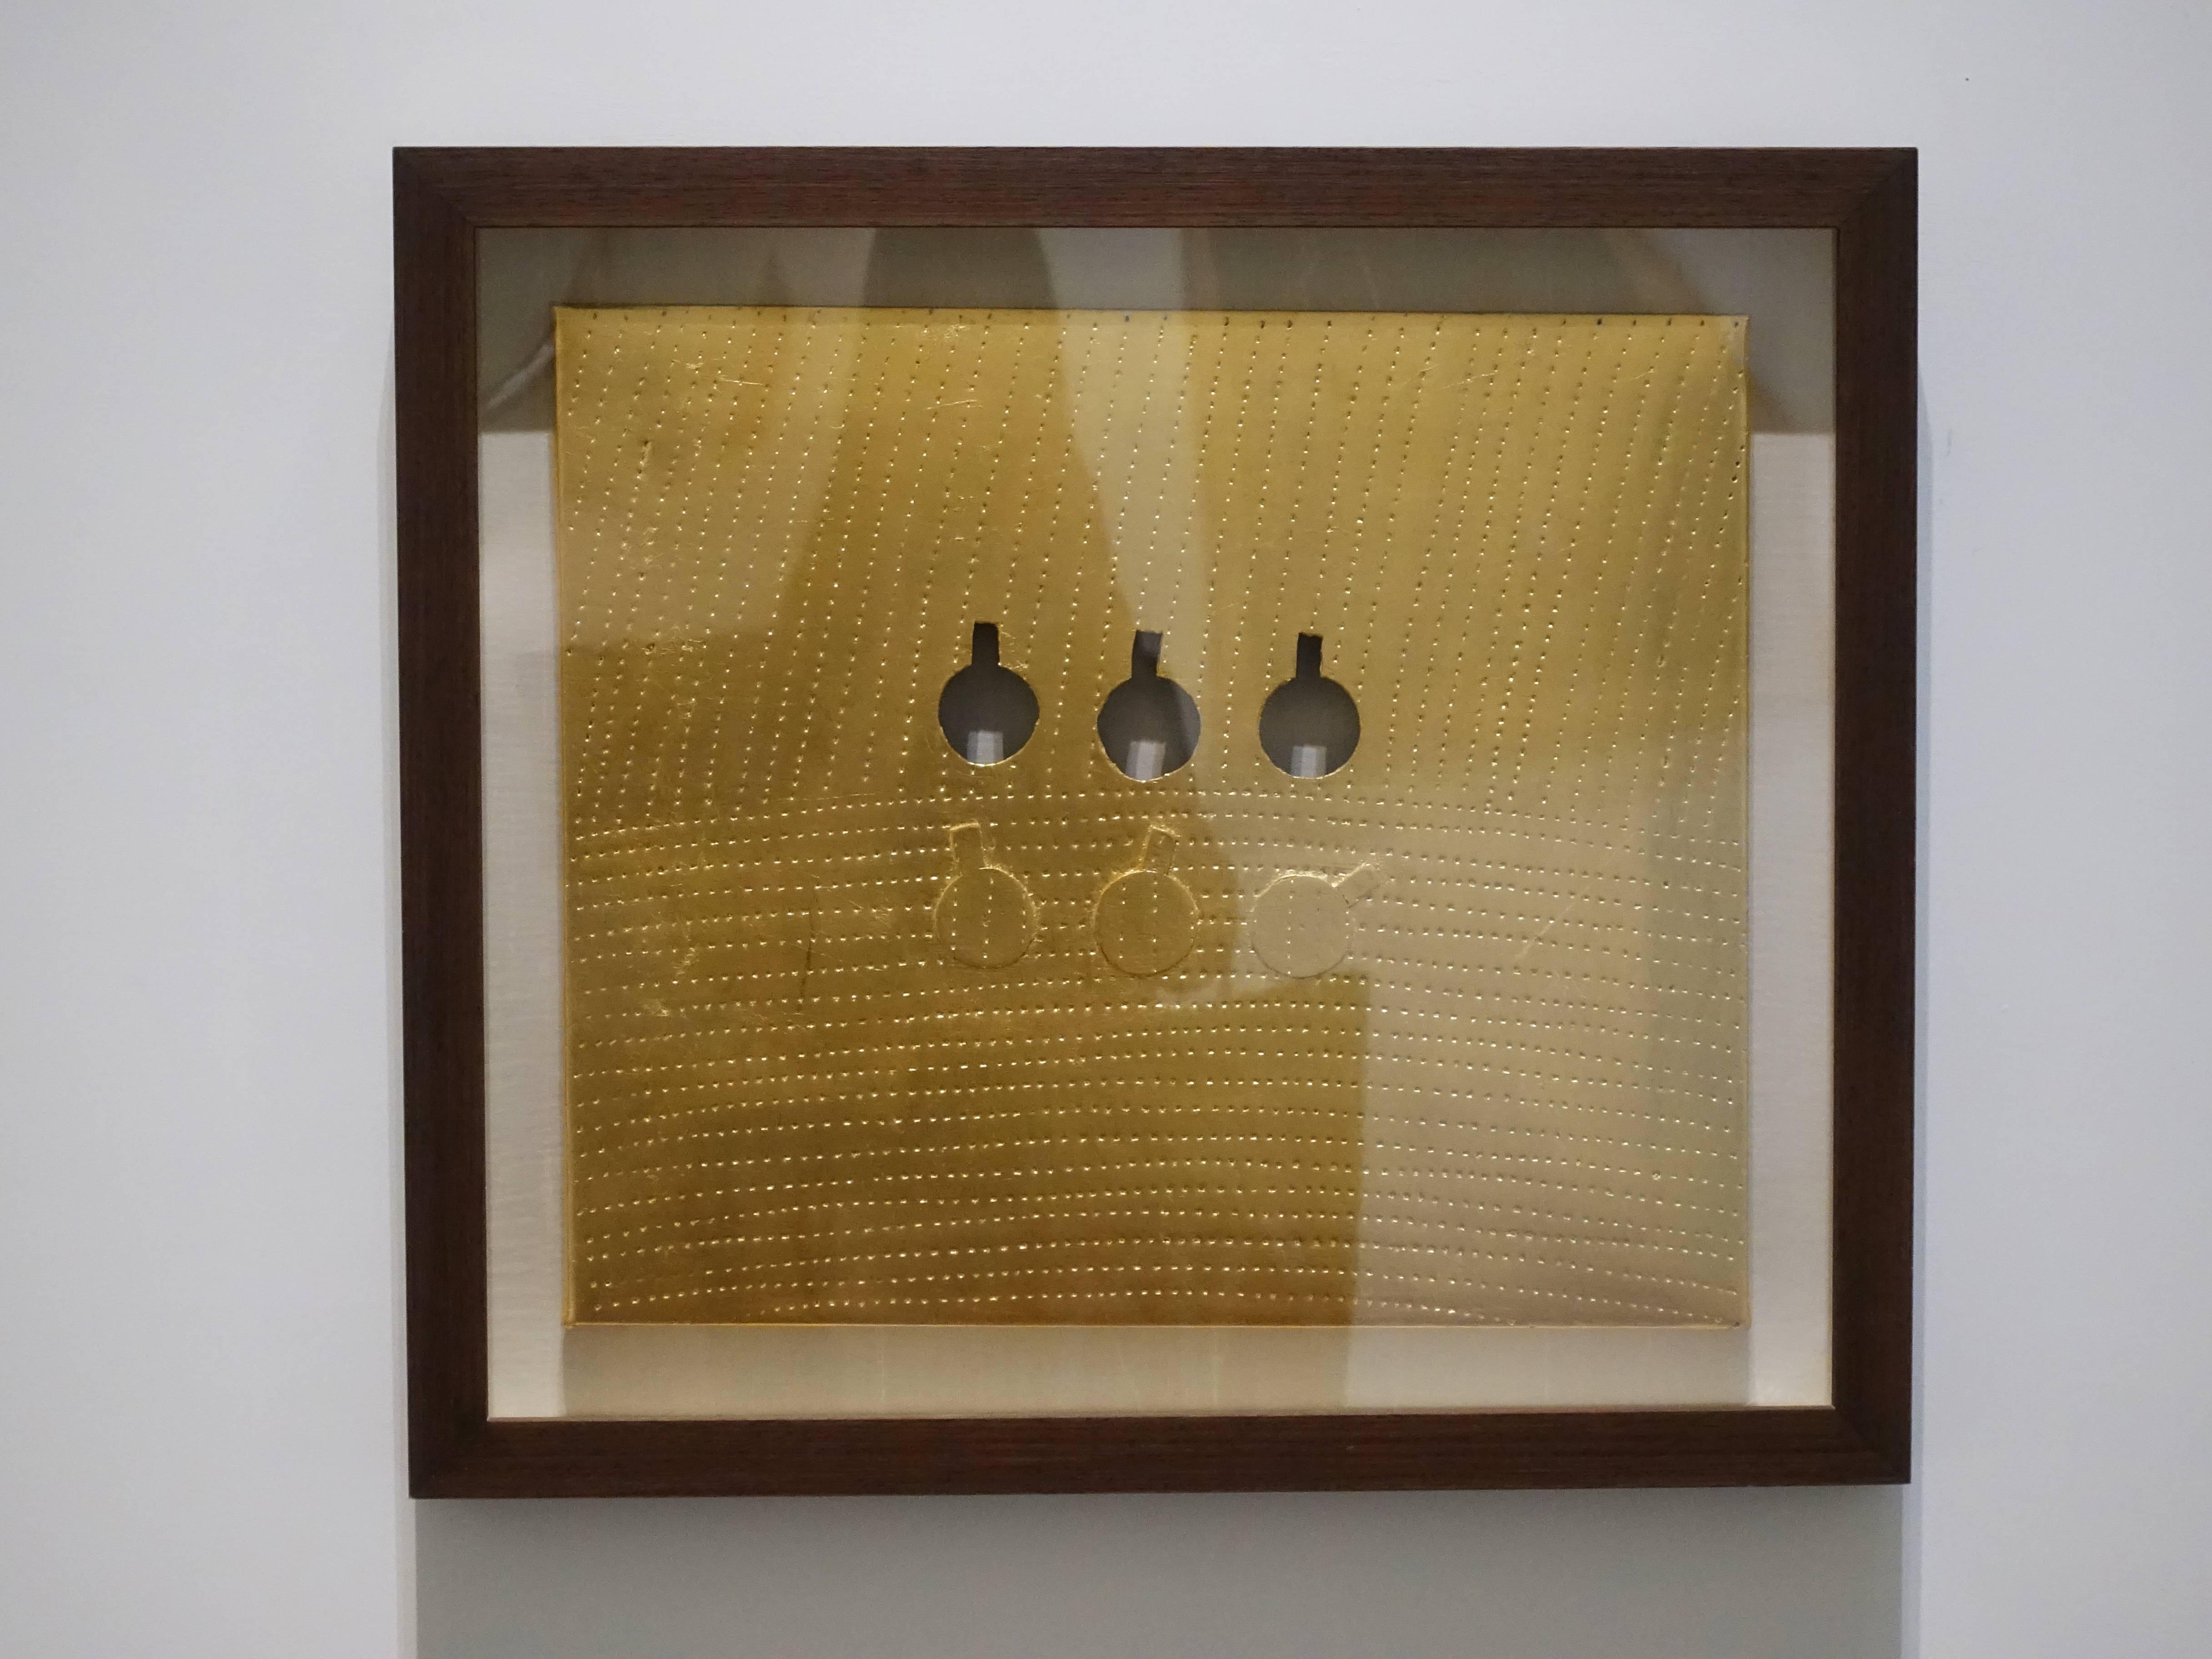 関根伸夫,《Phase conception No.G10-266》,45 x 53 cm,金箔Mixed media and gold leaf on paper、paper,2009。